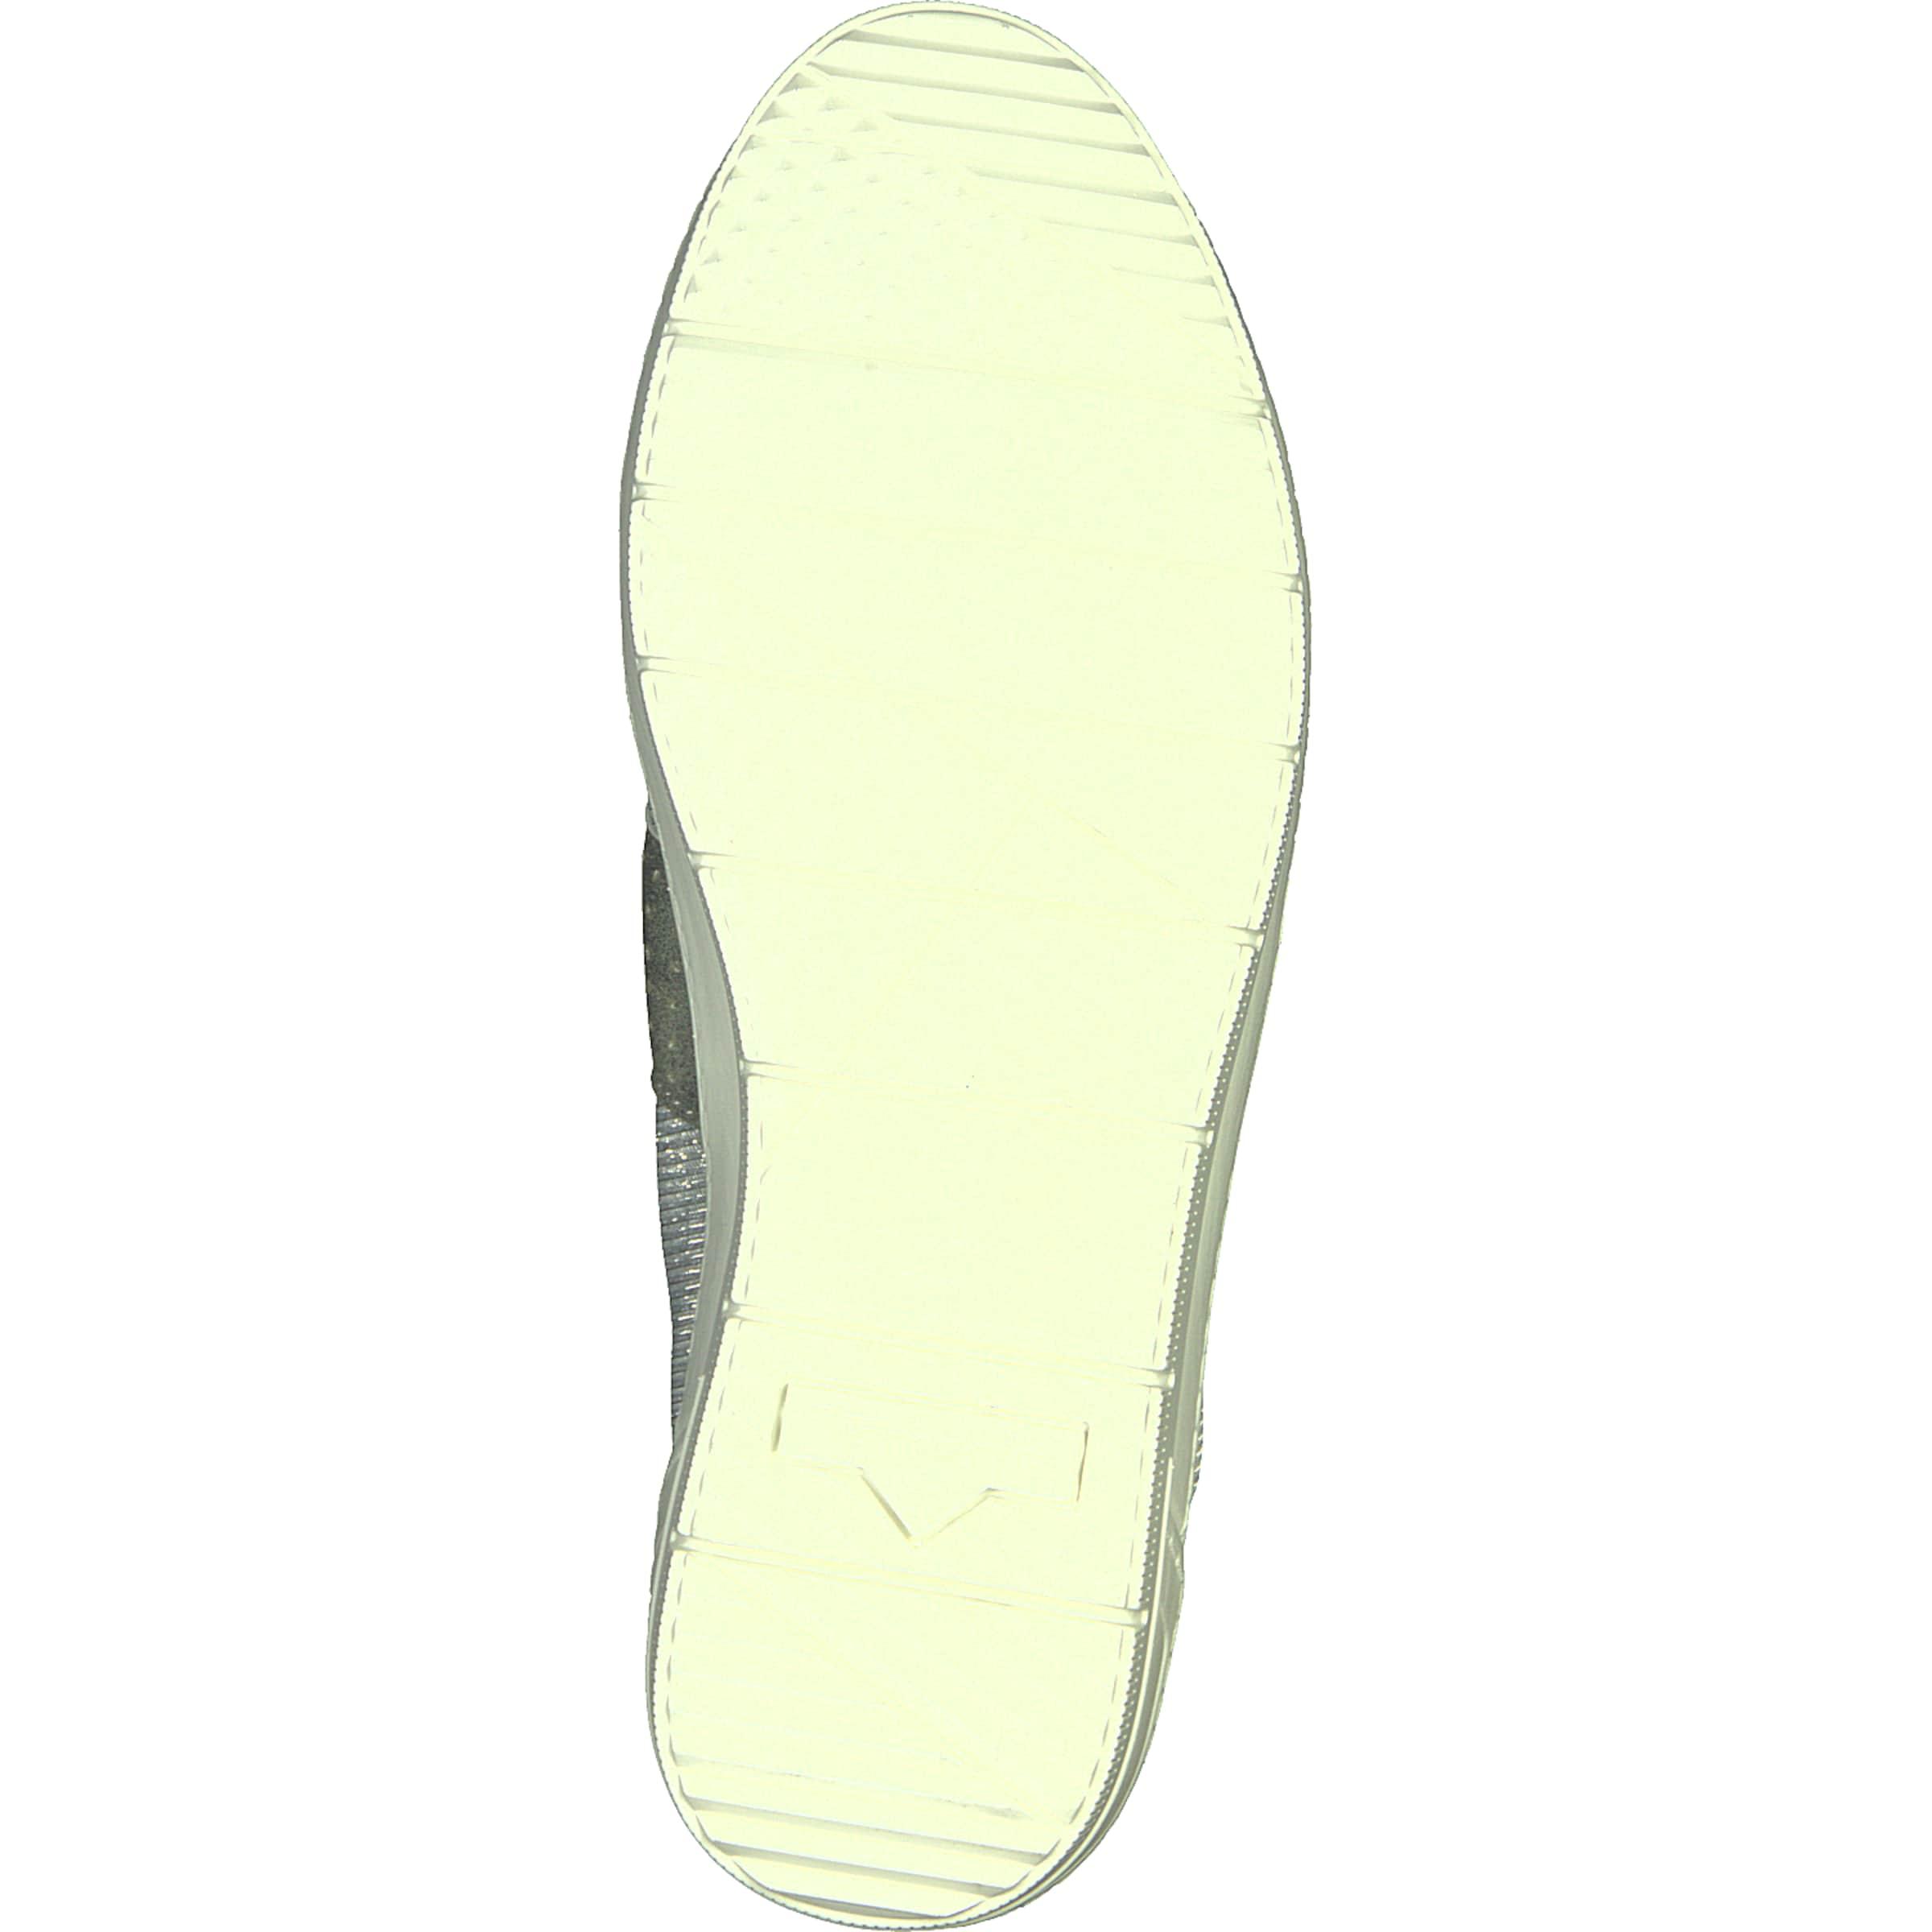 TAMARIS Sneaker Verkauf Rabatt Niedrig Kosten Für Verkauf Günstig Kaufen Genießen Günstig Kaufen Shop Abstand Rabatt 0mUbmNa